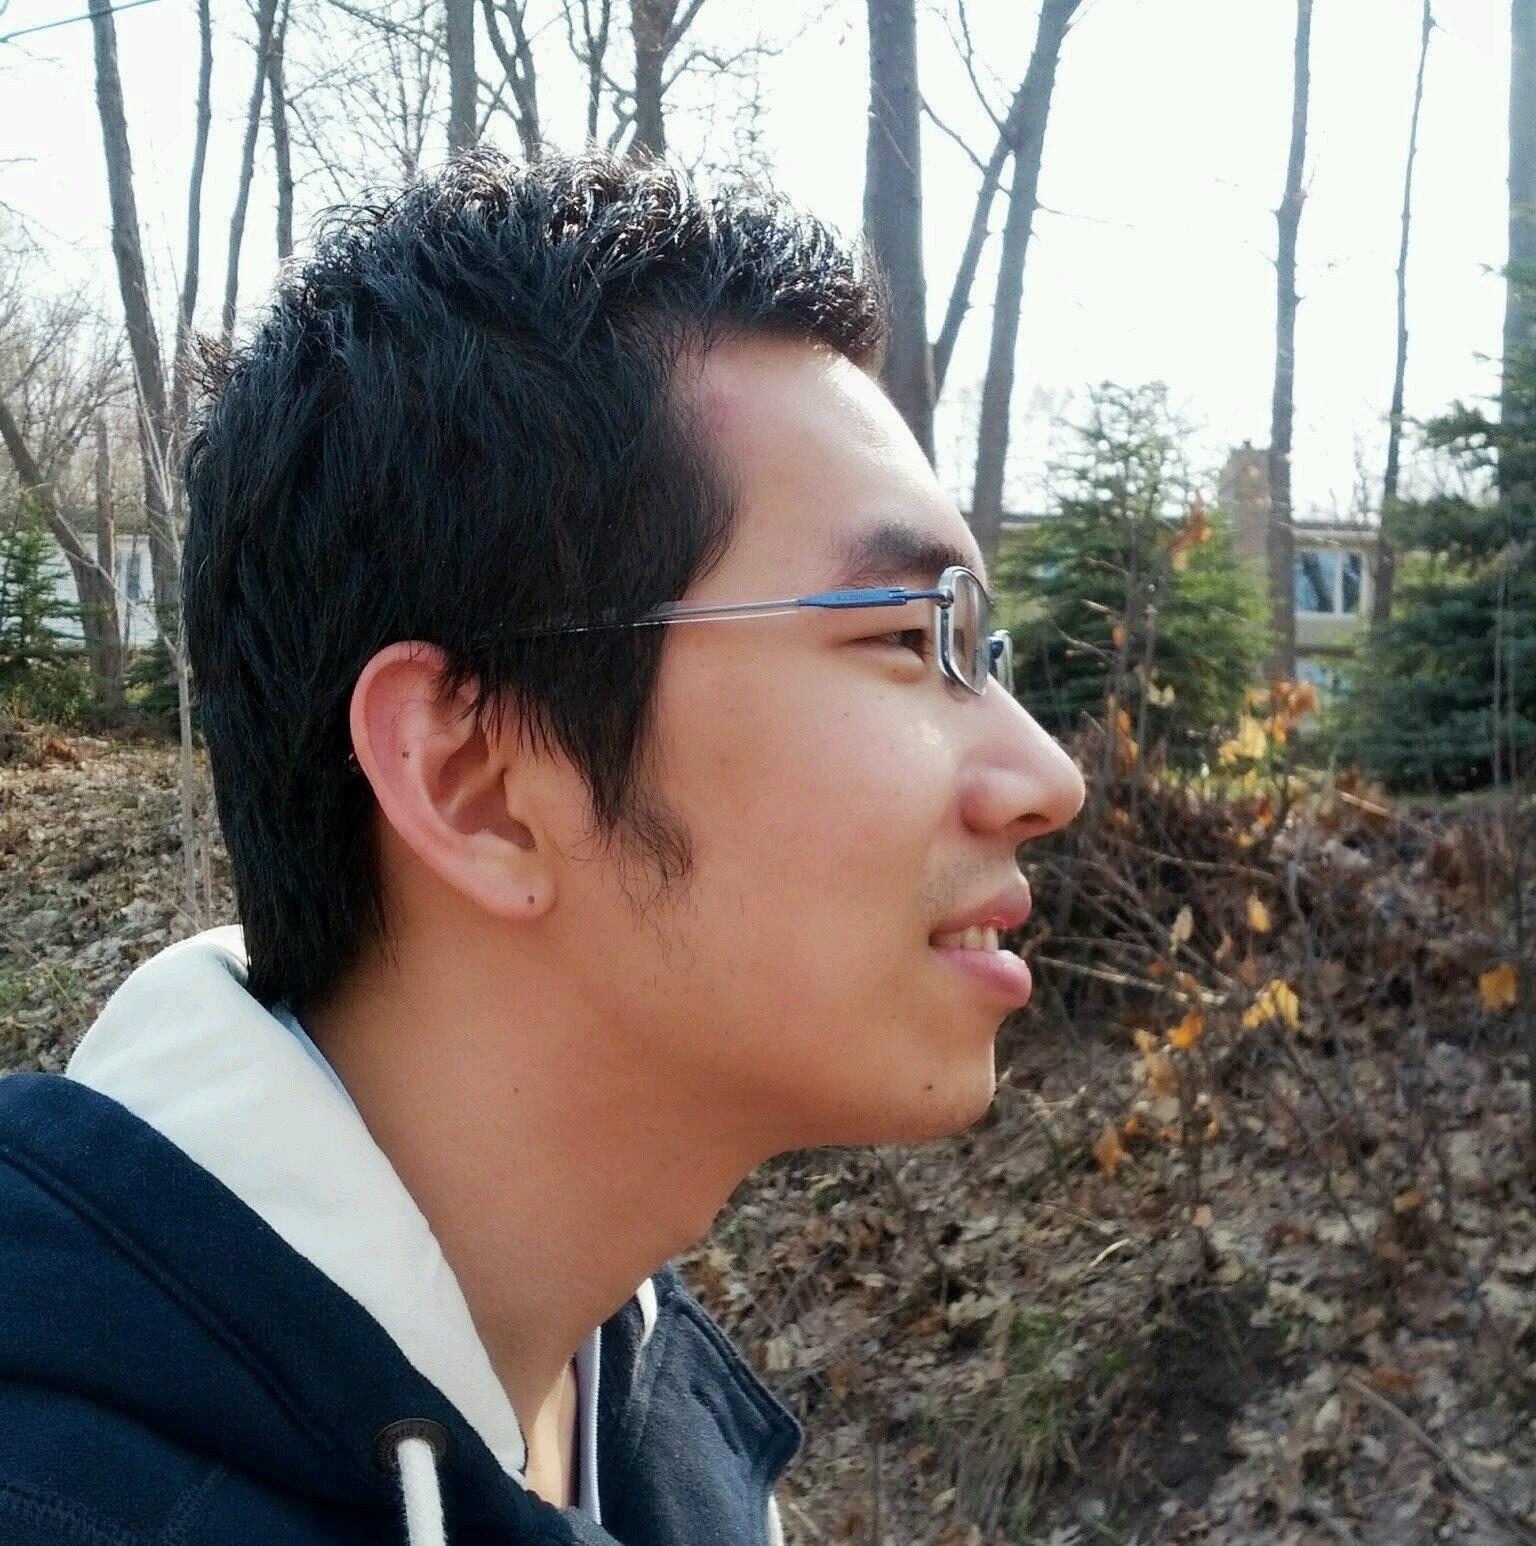 Zhe Lu